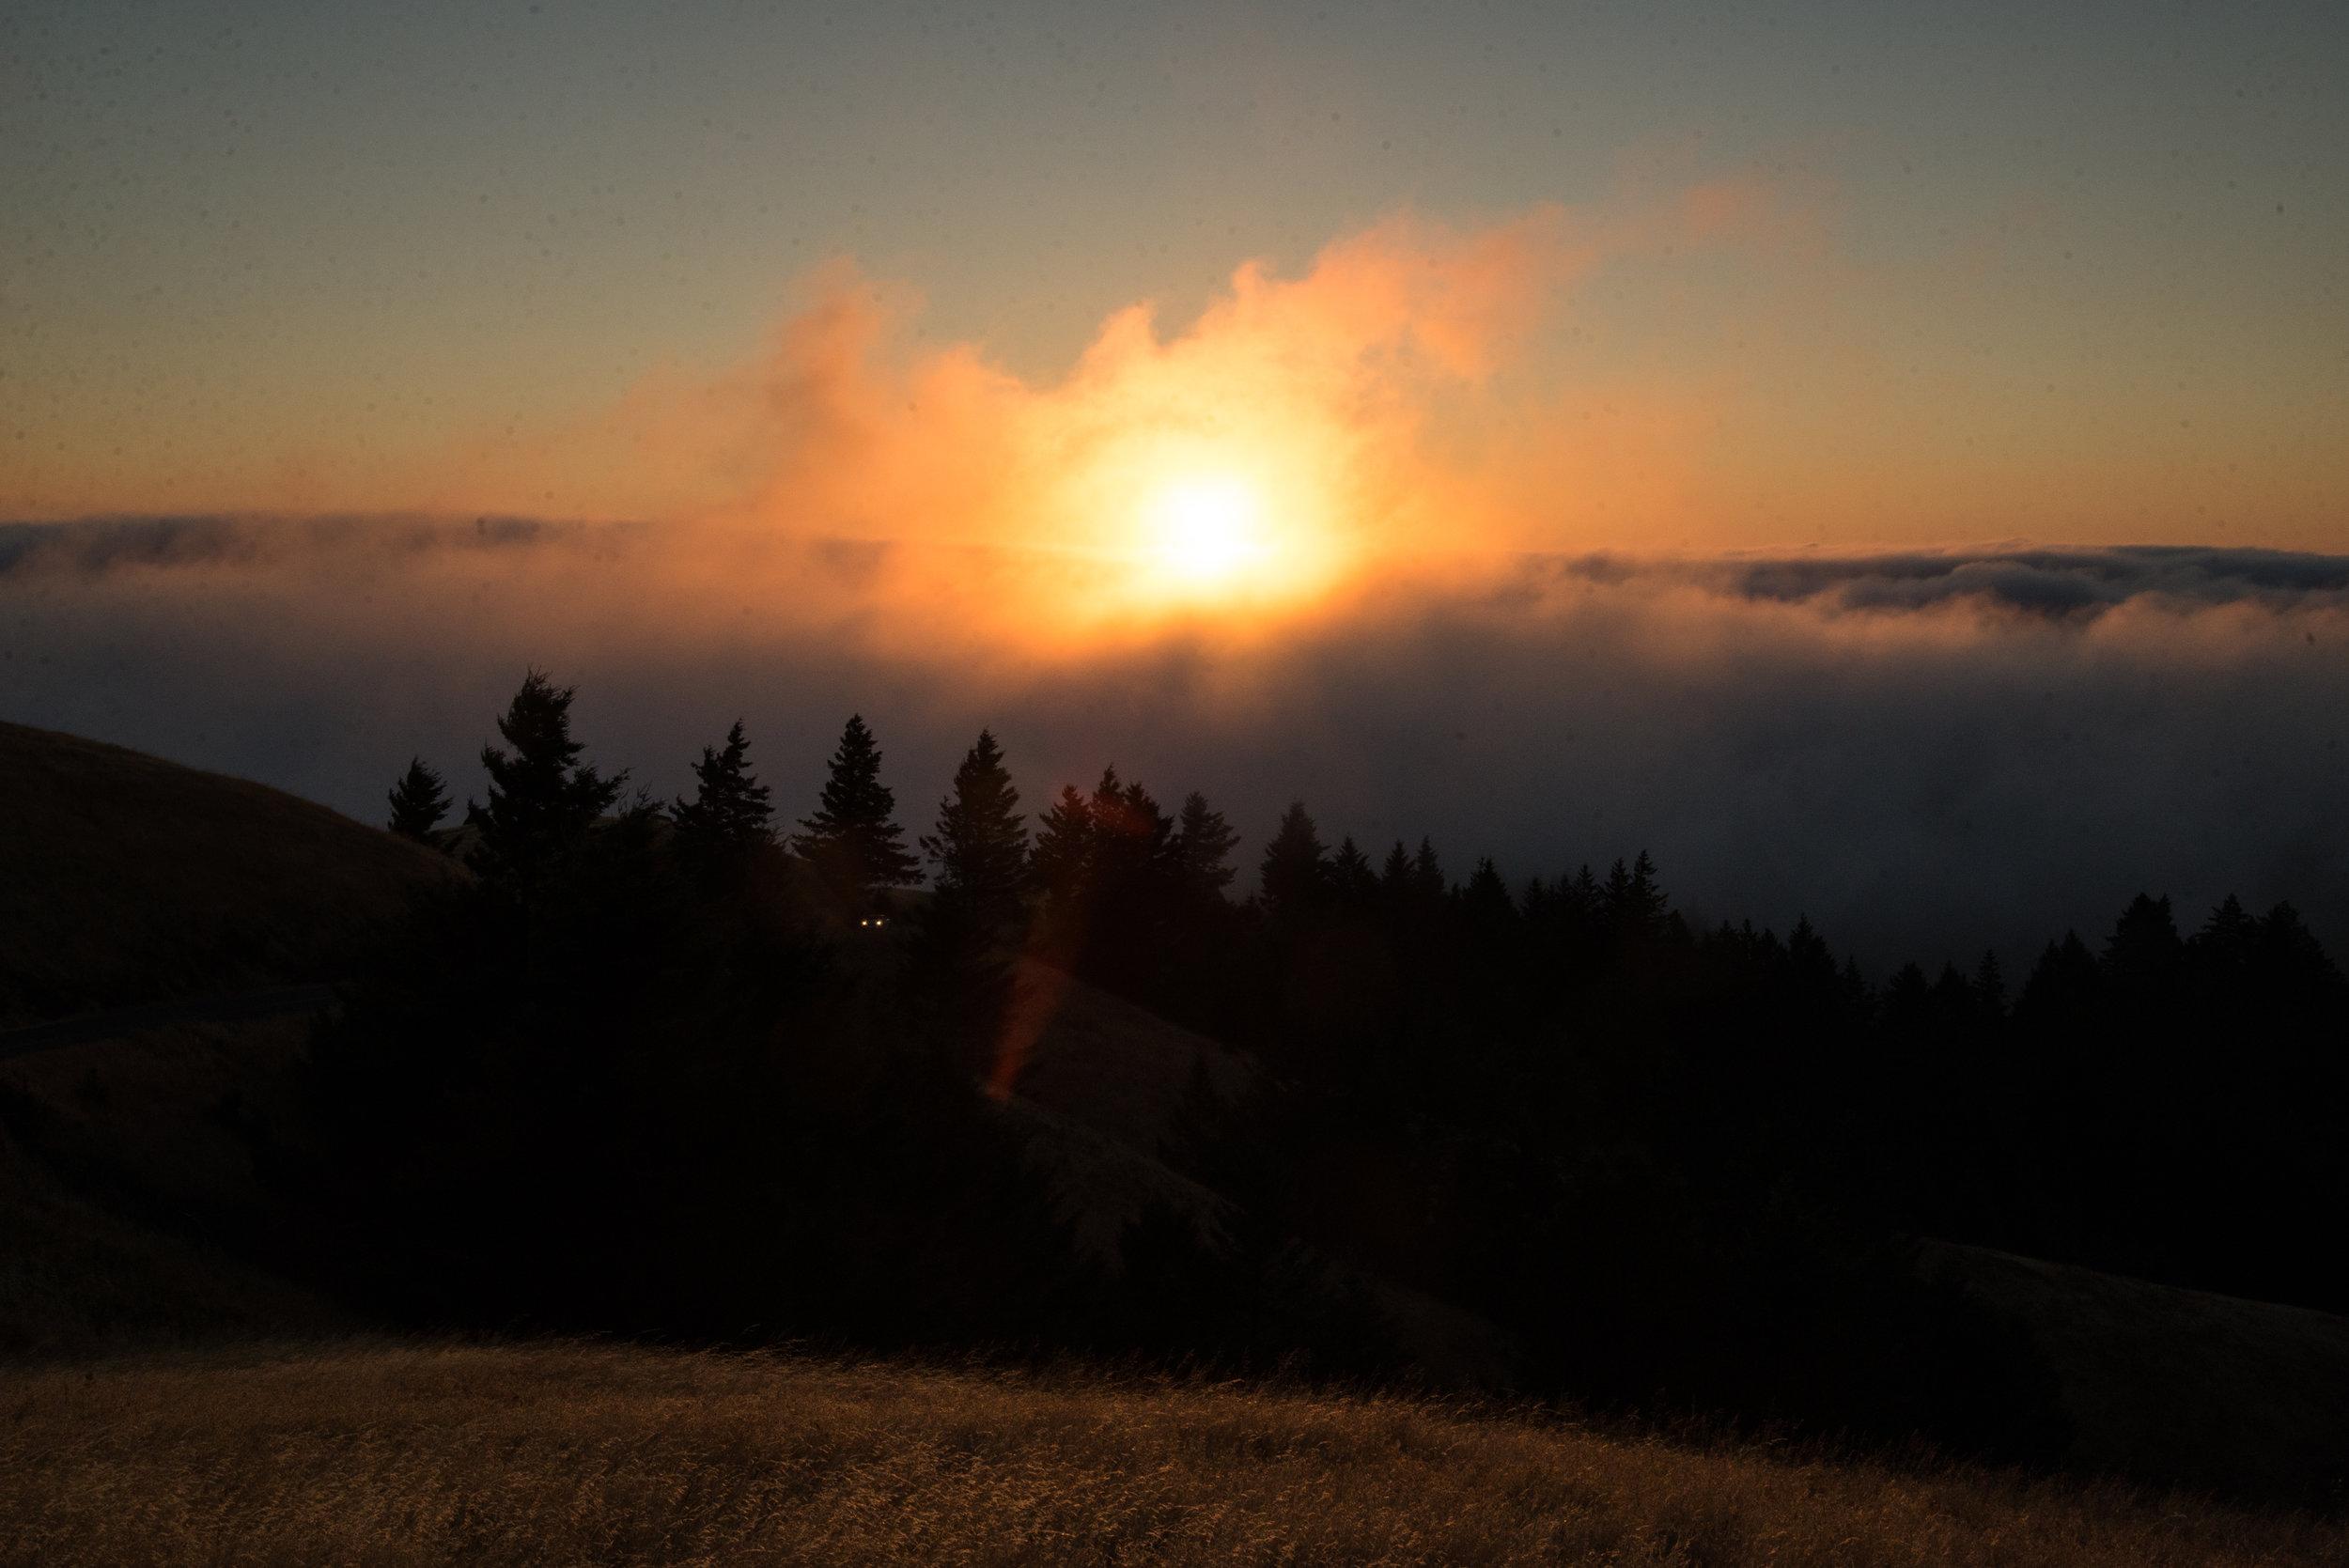 10b-Sun-mist-clean-up-2-4877.jpg